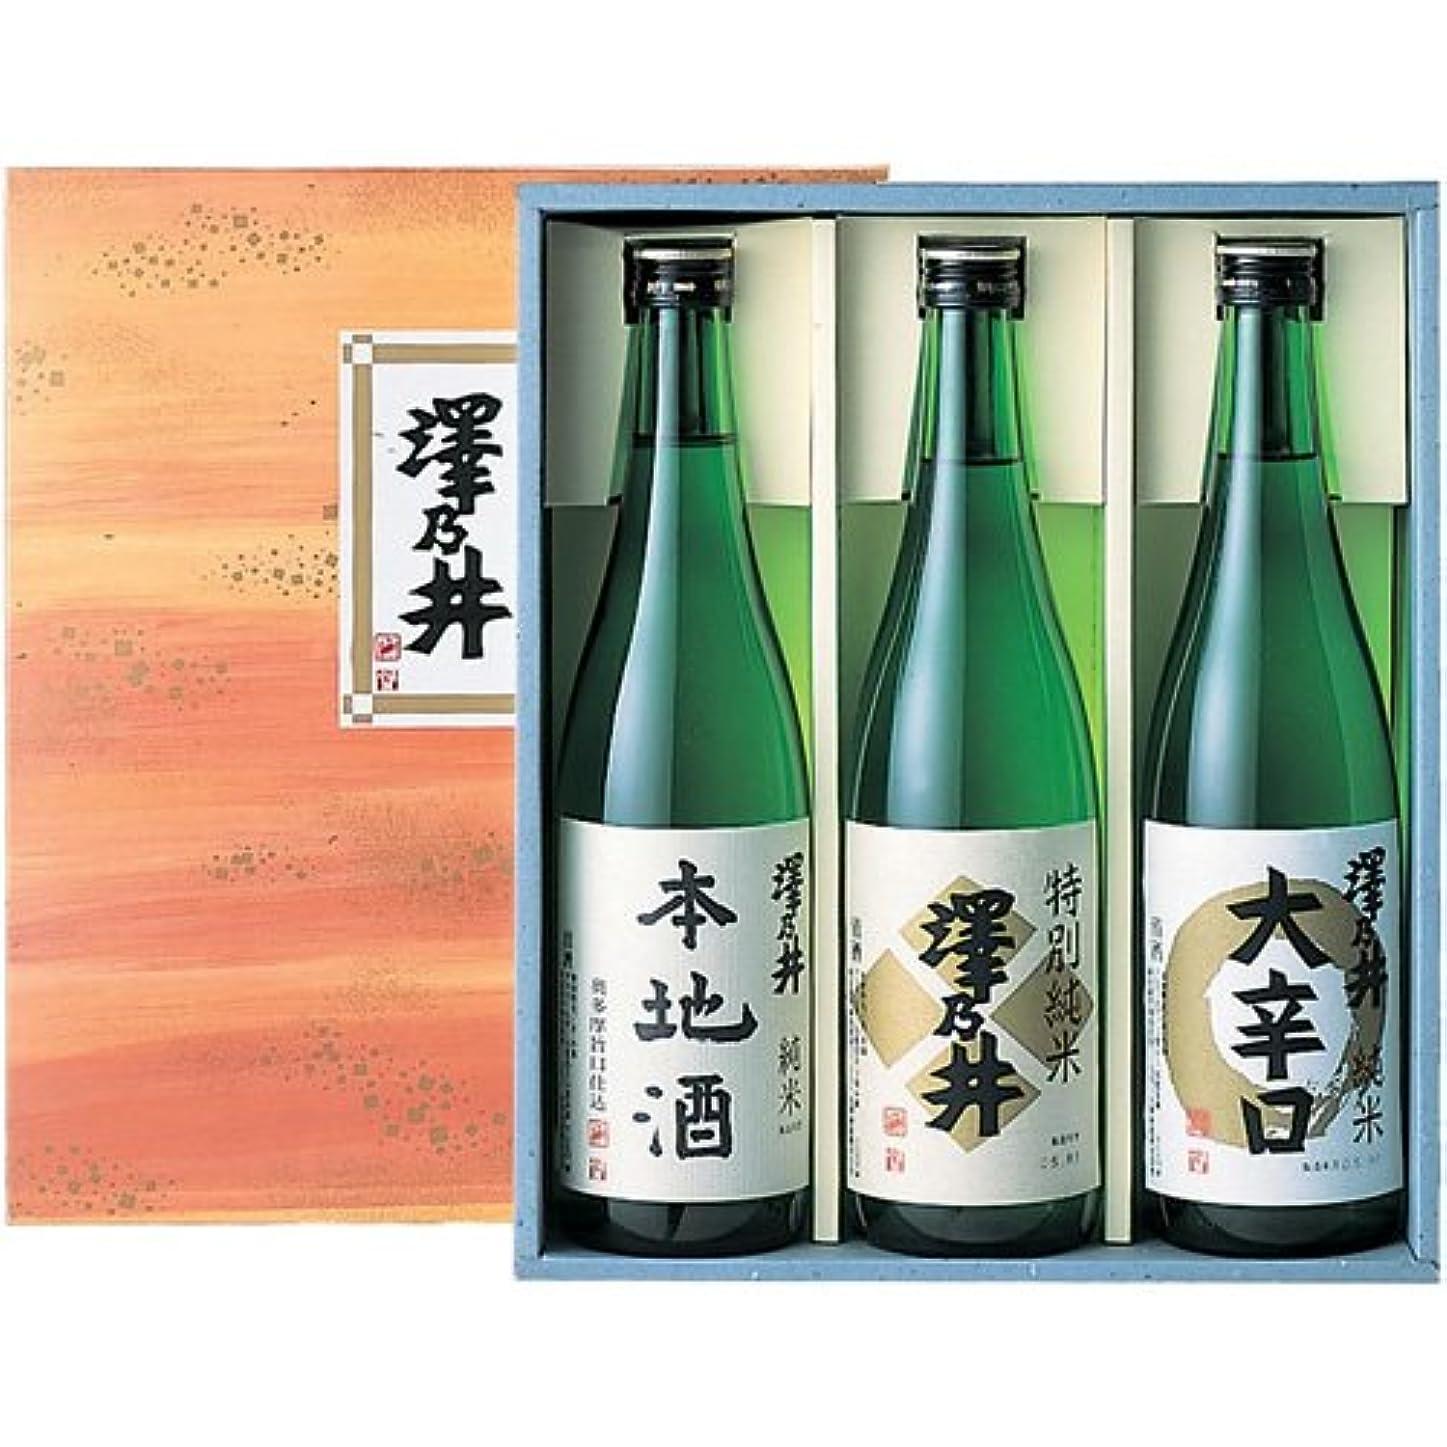 でショット該当する澤乃井 飲みくらべセット KS-370 (720ml×3本) [ 日本酒 東京都 2160ml ]